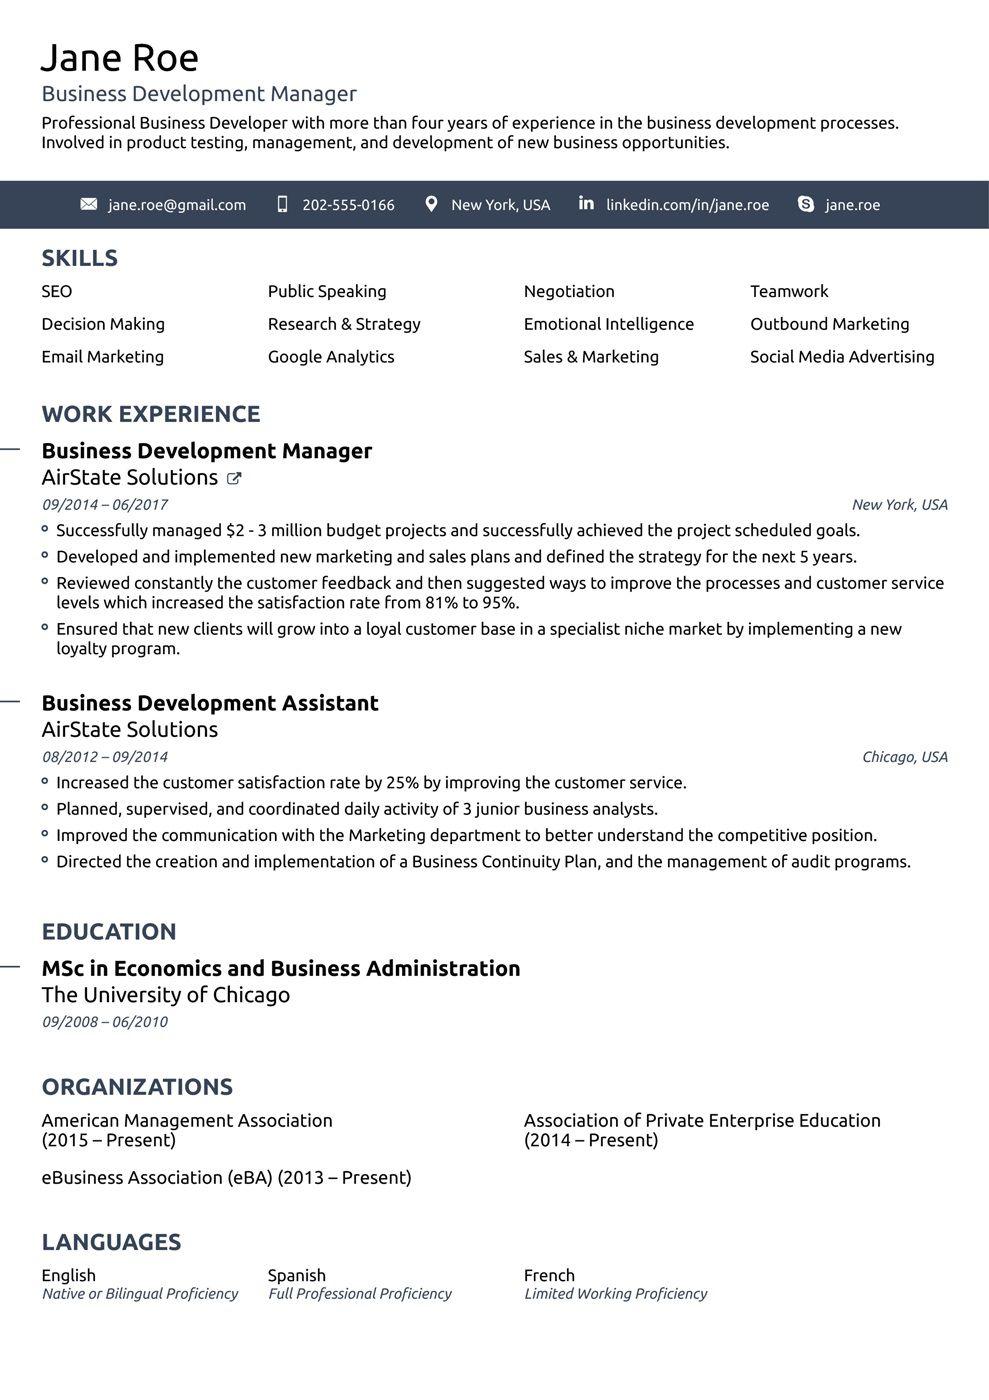 009 Shocking Functional Resume Template Free Image Full